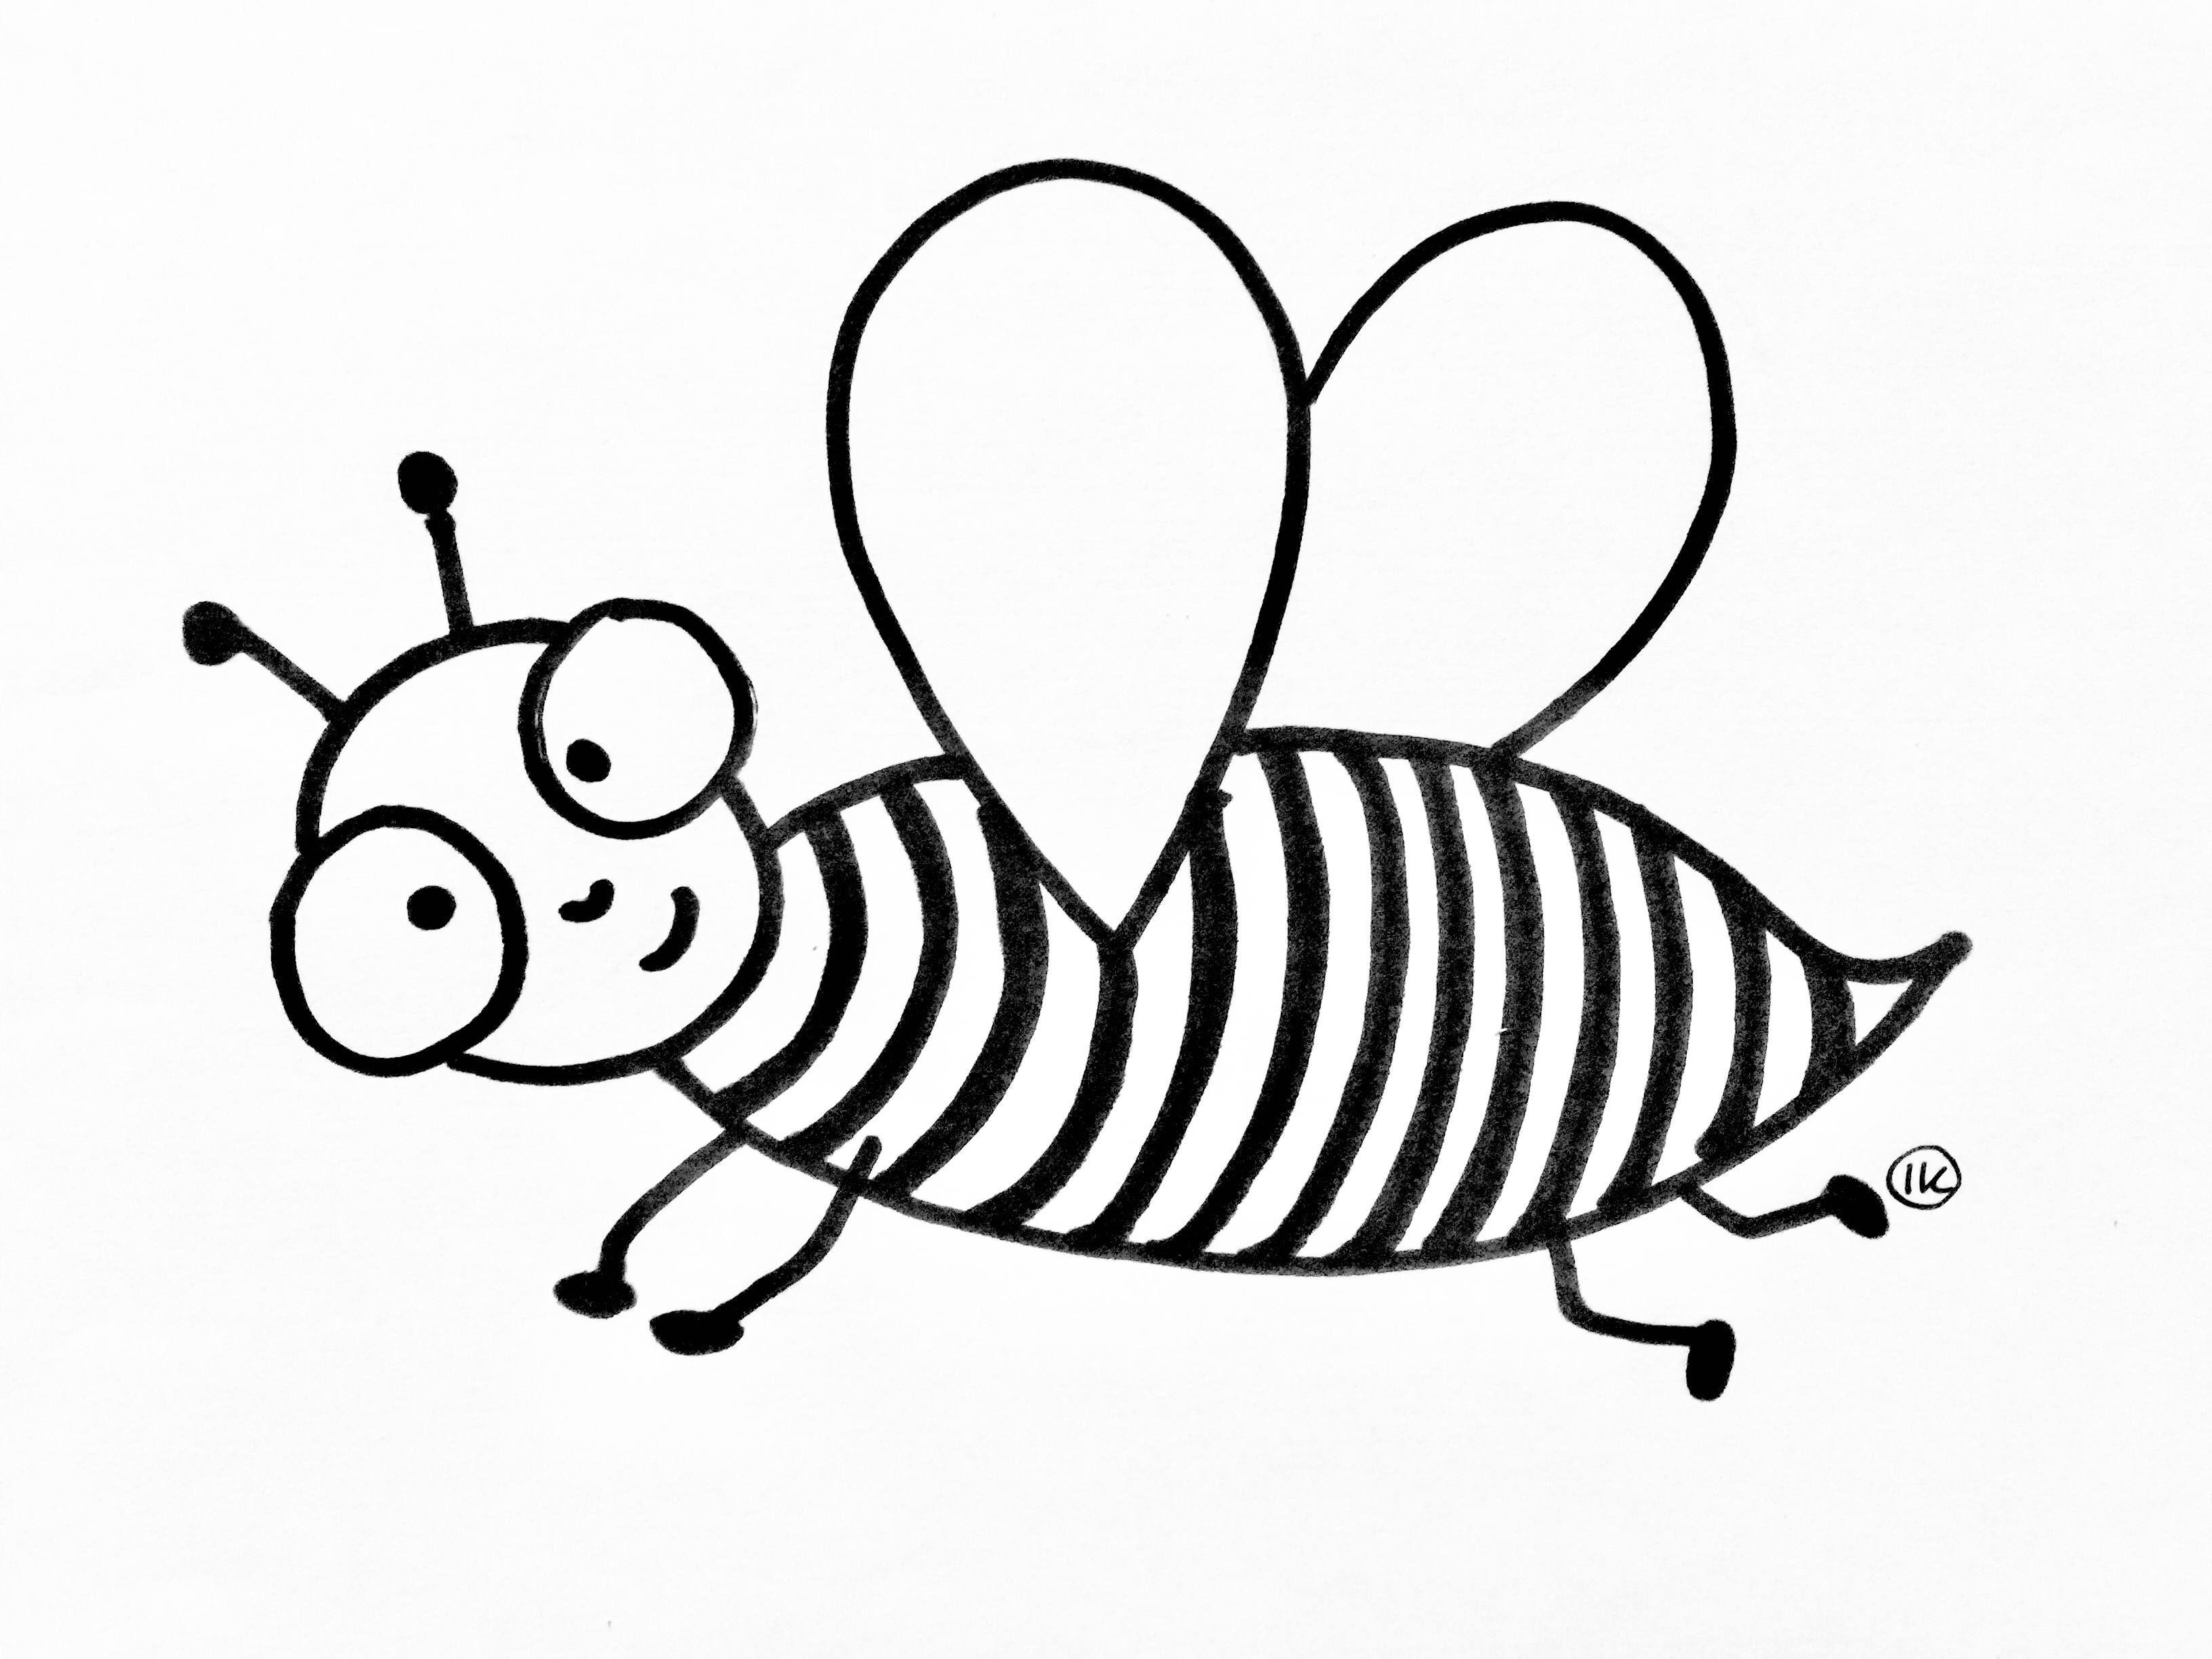 Kleurplaten Kriebelbeestjes Insekten Kleurplaat Kleurplaten Deknutseljuf Sprinkhaan De Knutseljuf E Insect Knutselen Kleurplaten Gratis Kleurplaten